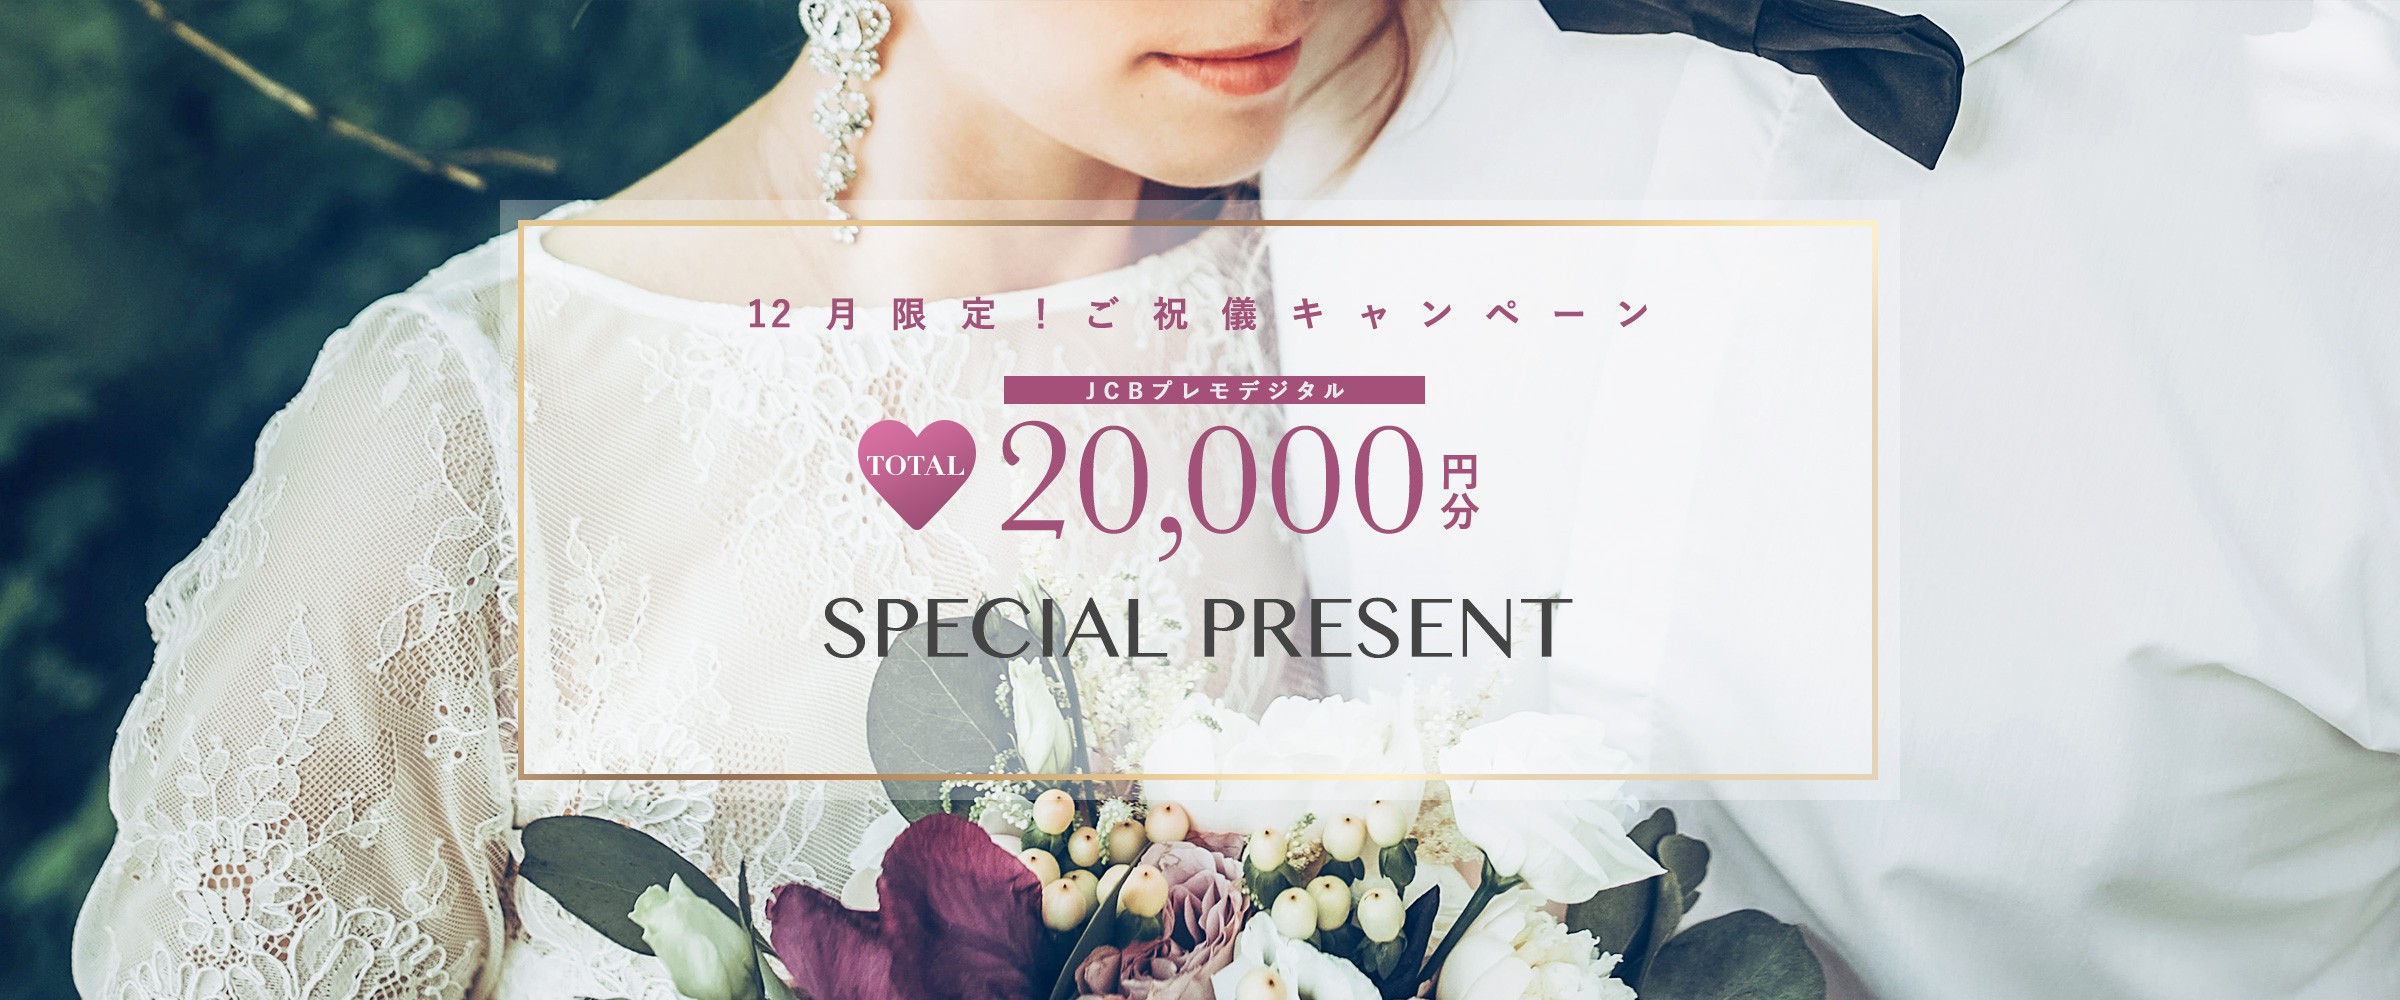 12月限定!ご祝儀キャンペーン最大20,000分JCBプレモデジタルSPECIAL PRESENT